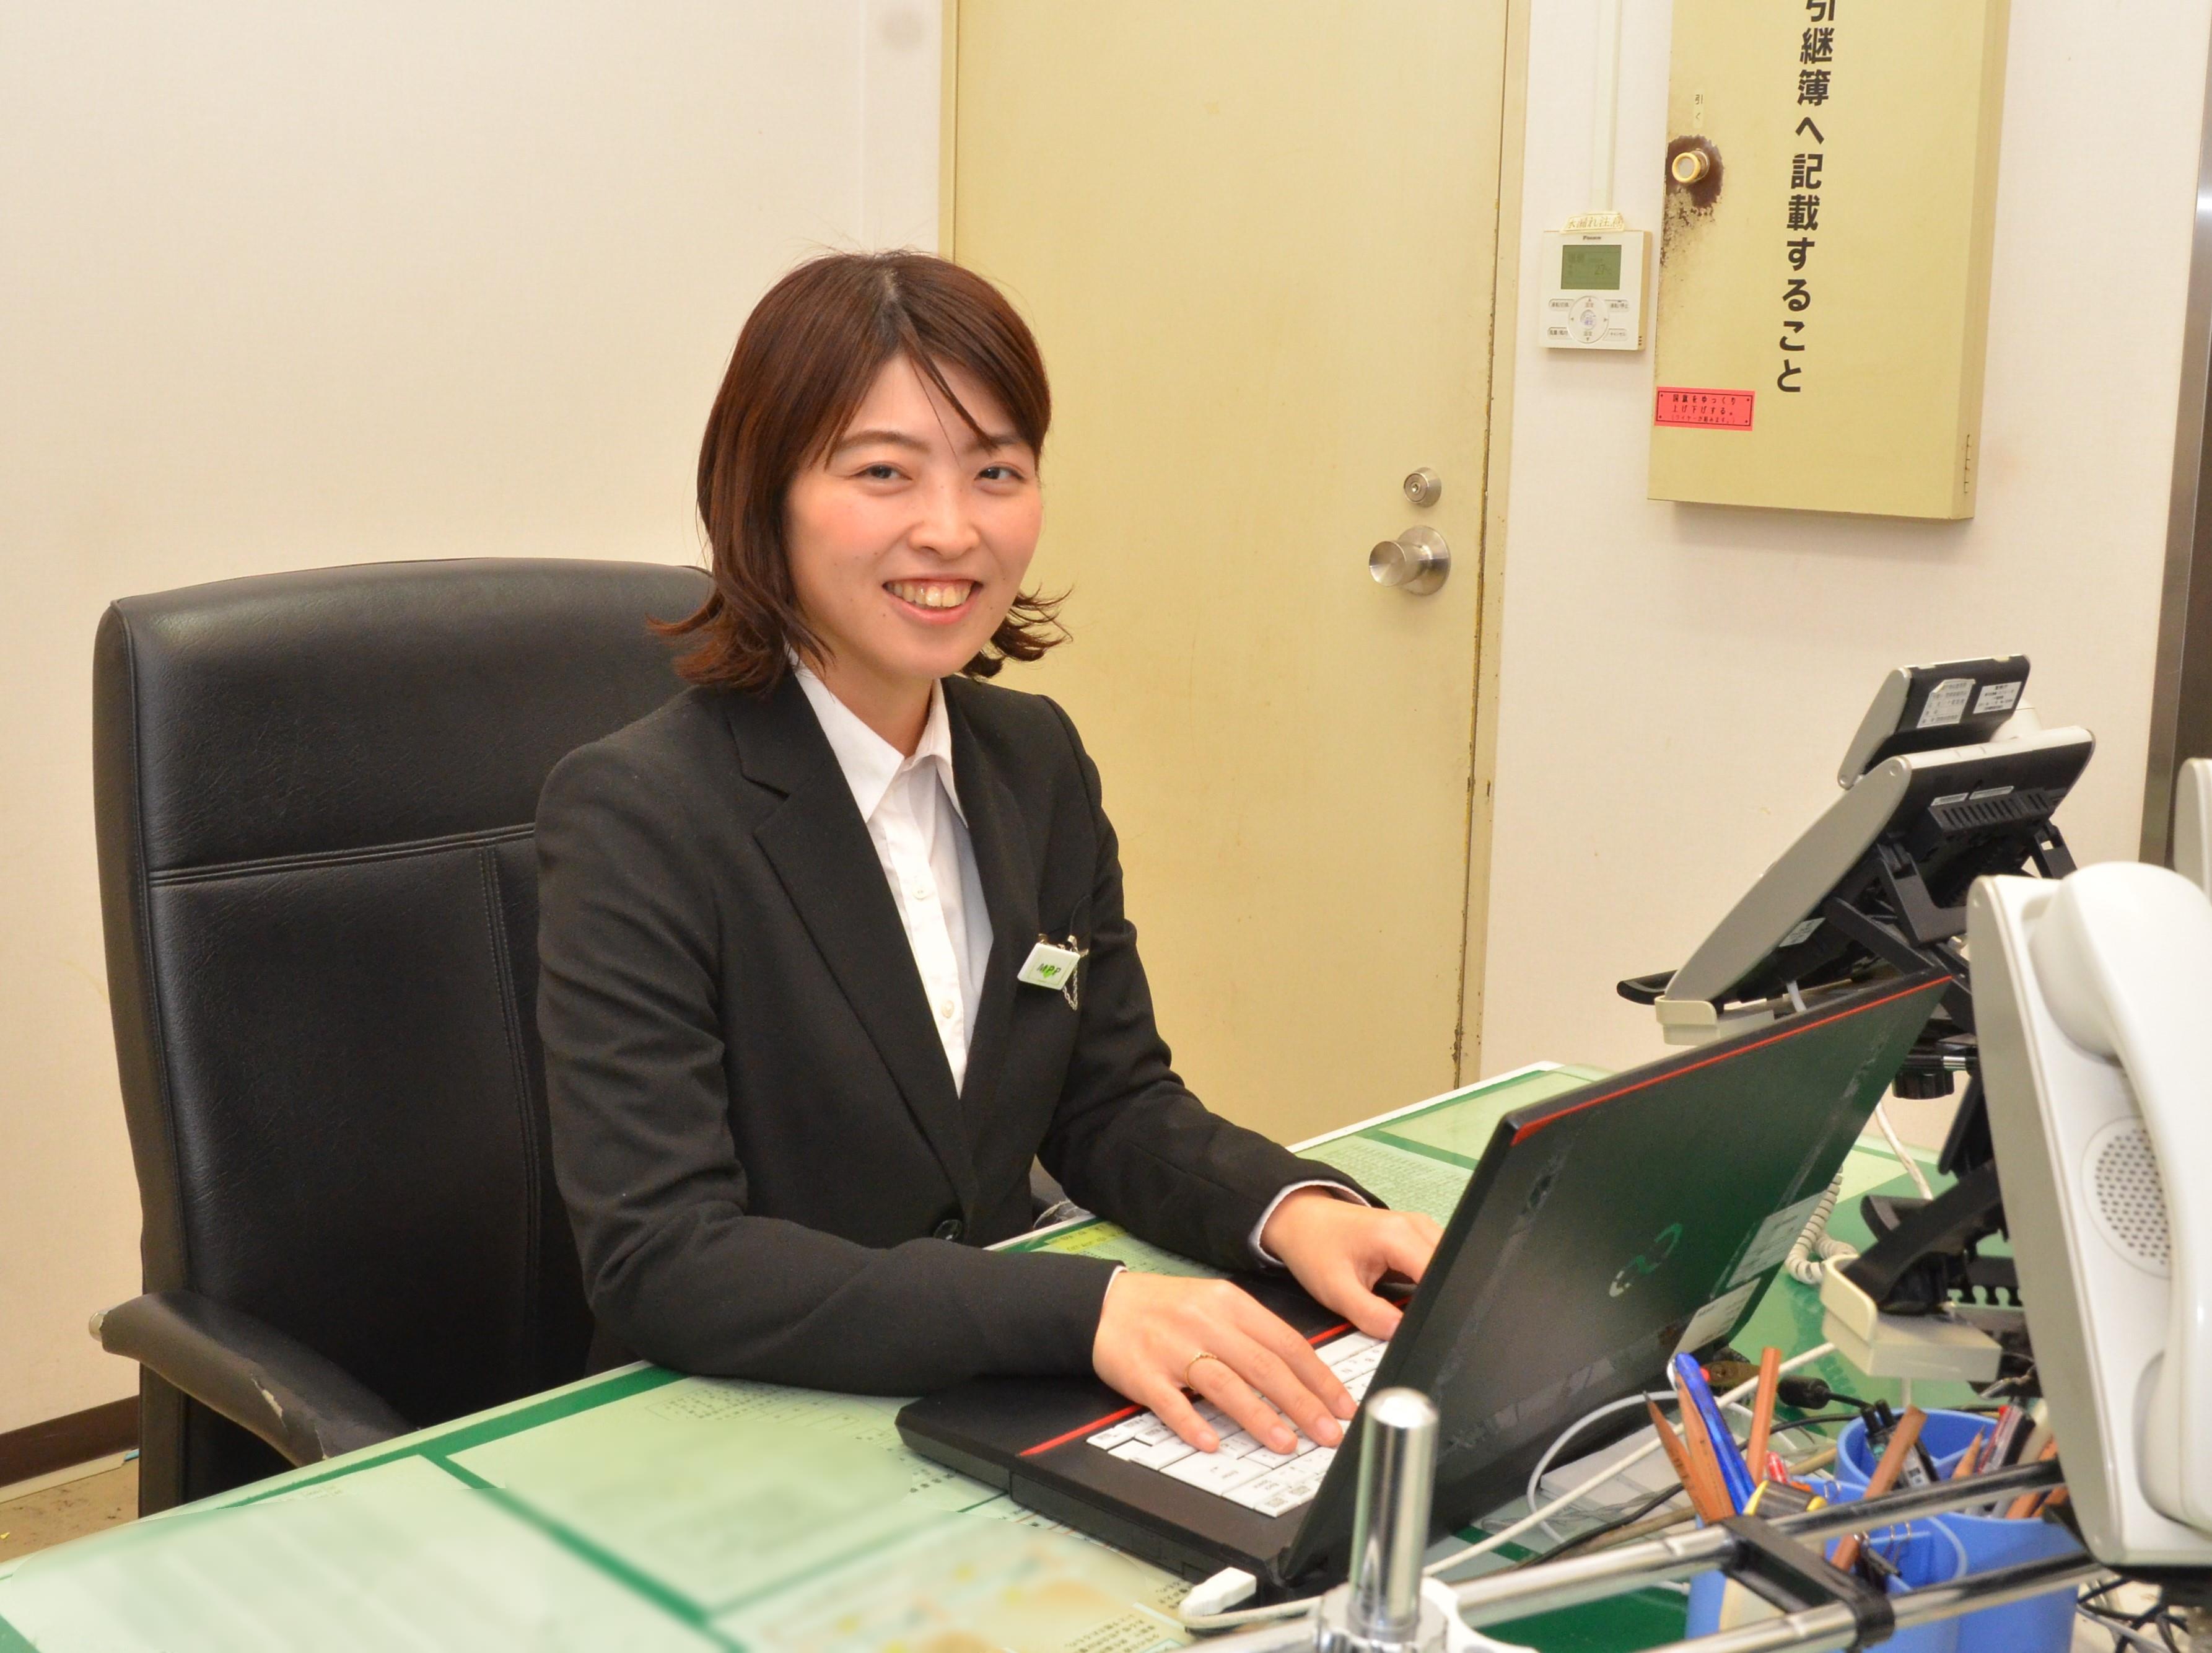 三重県|職員採用:先輩職員の声(警察事務)